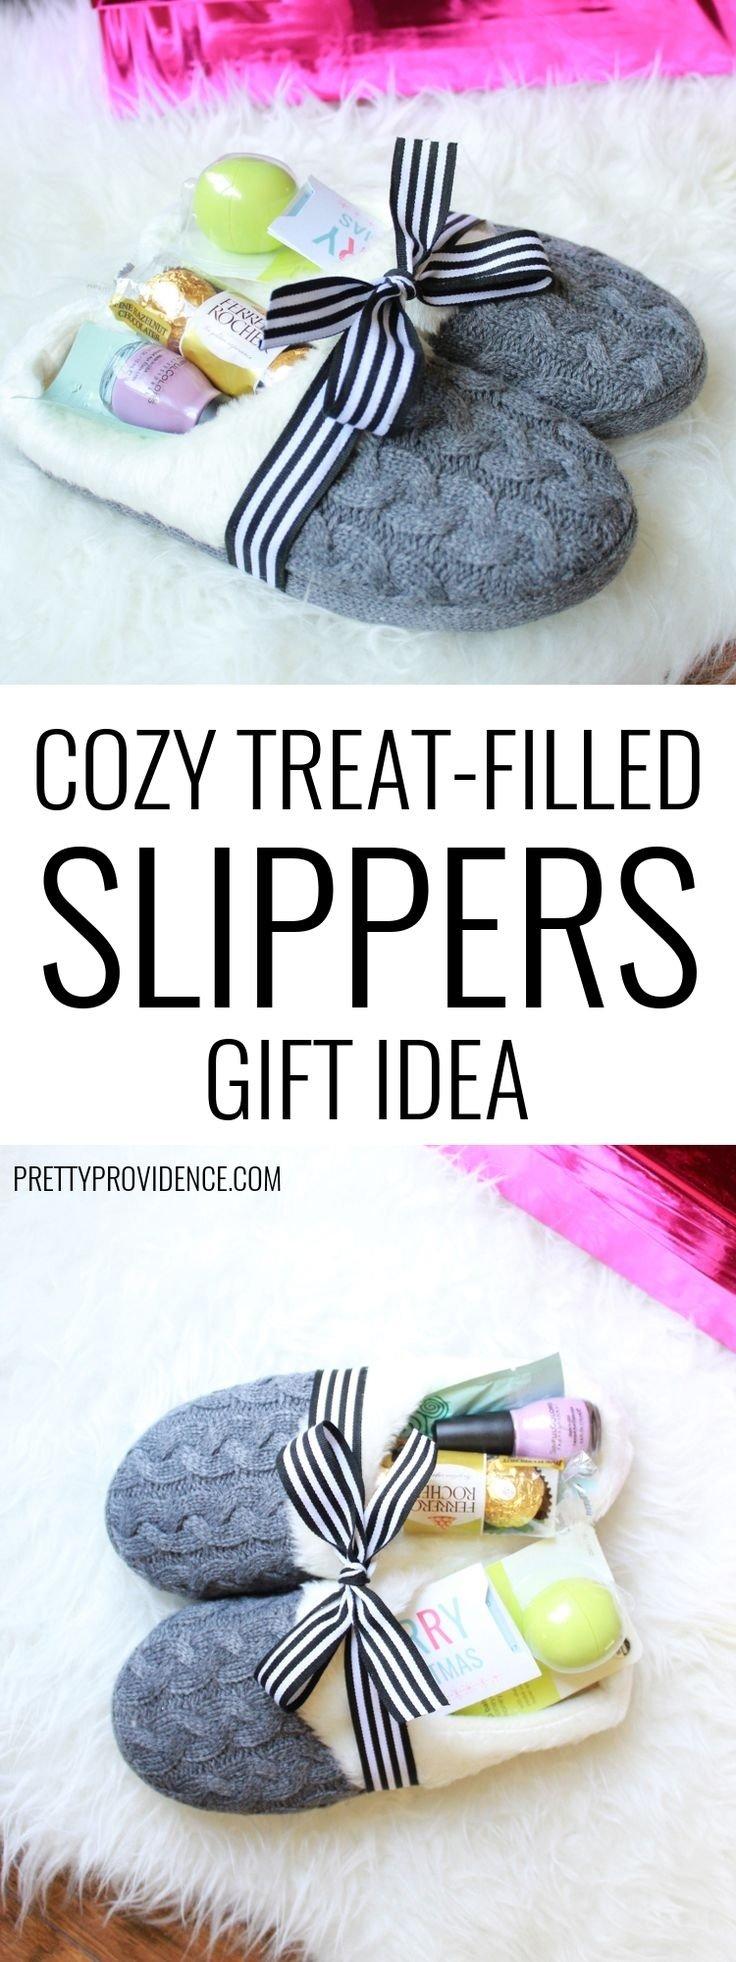 10 Unique Good Gift Ideas For Sister les 447 meilleures images du tableau cute gift ideas sur pinterest 2020